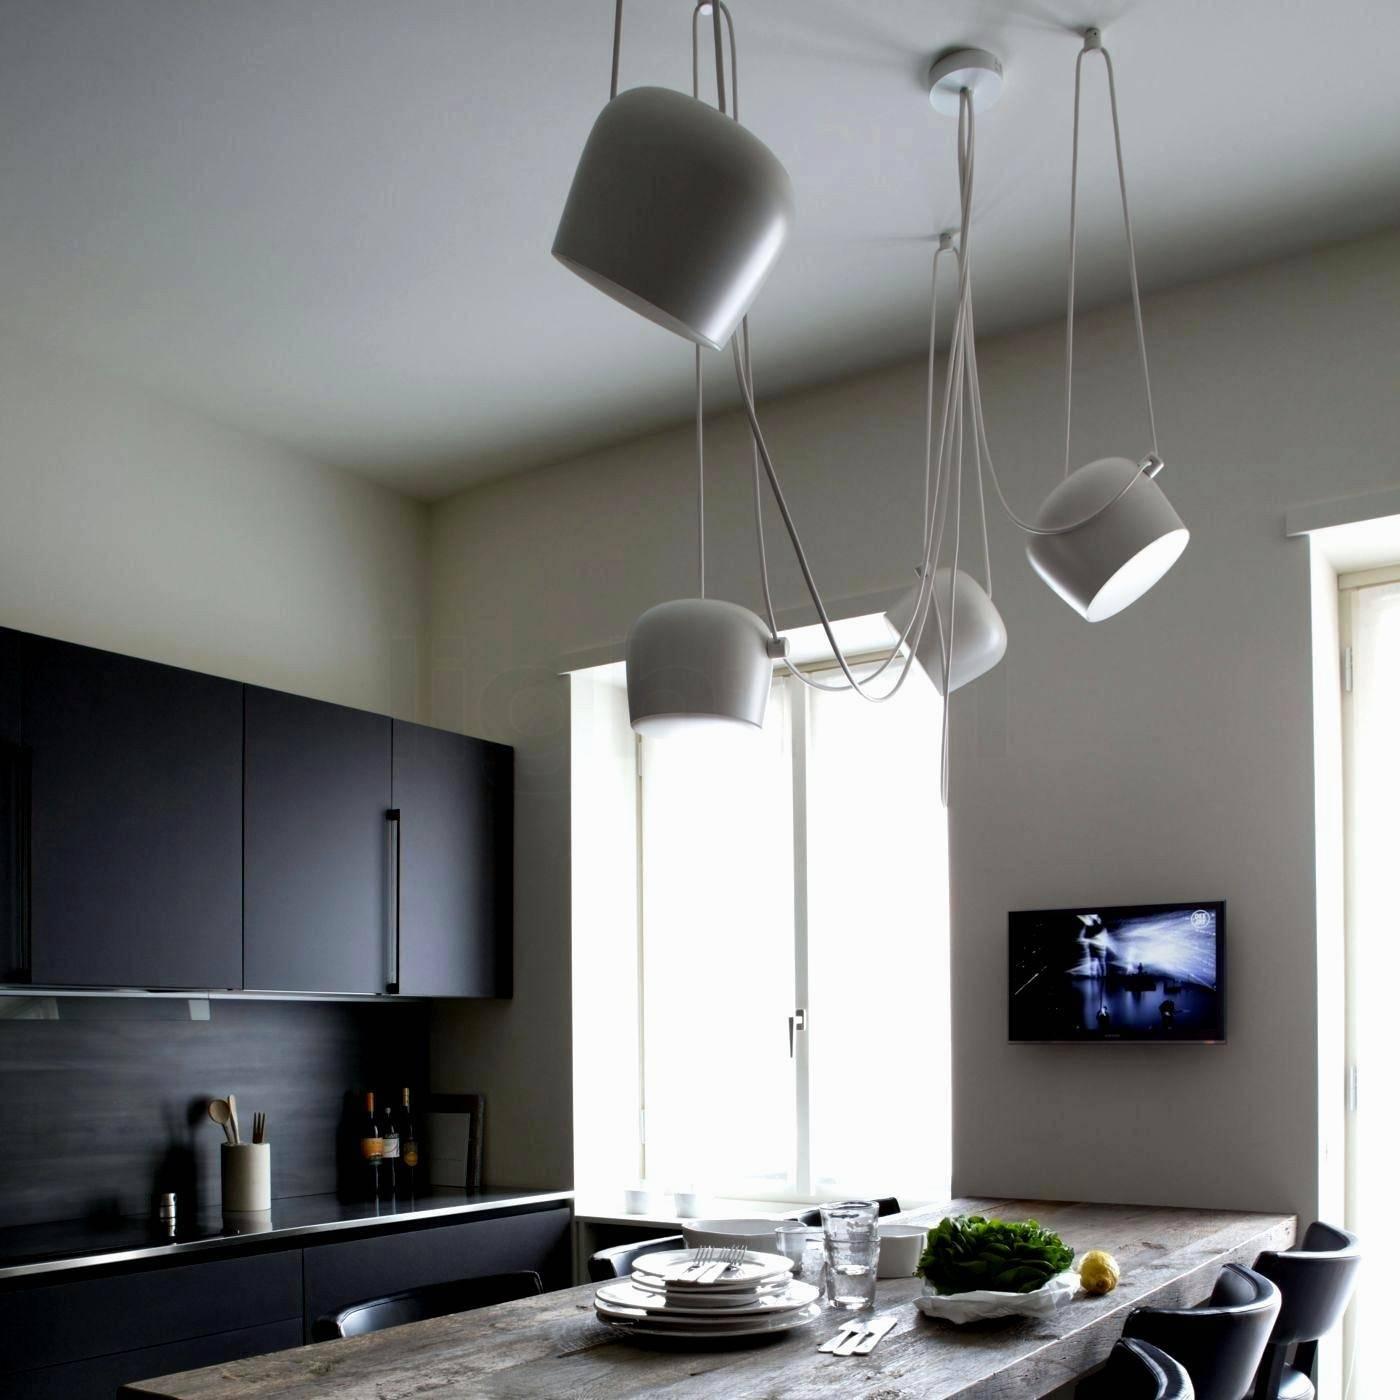 deko fur das wohnzimmer inspirational einzigartig cool esstisch lampe led f c3 bcr haus und design galerie of deko fur das wohnzimmer